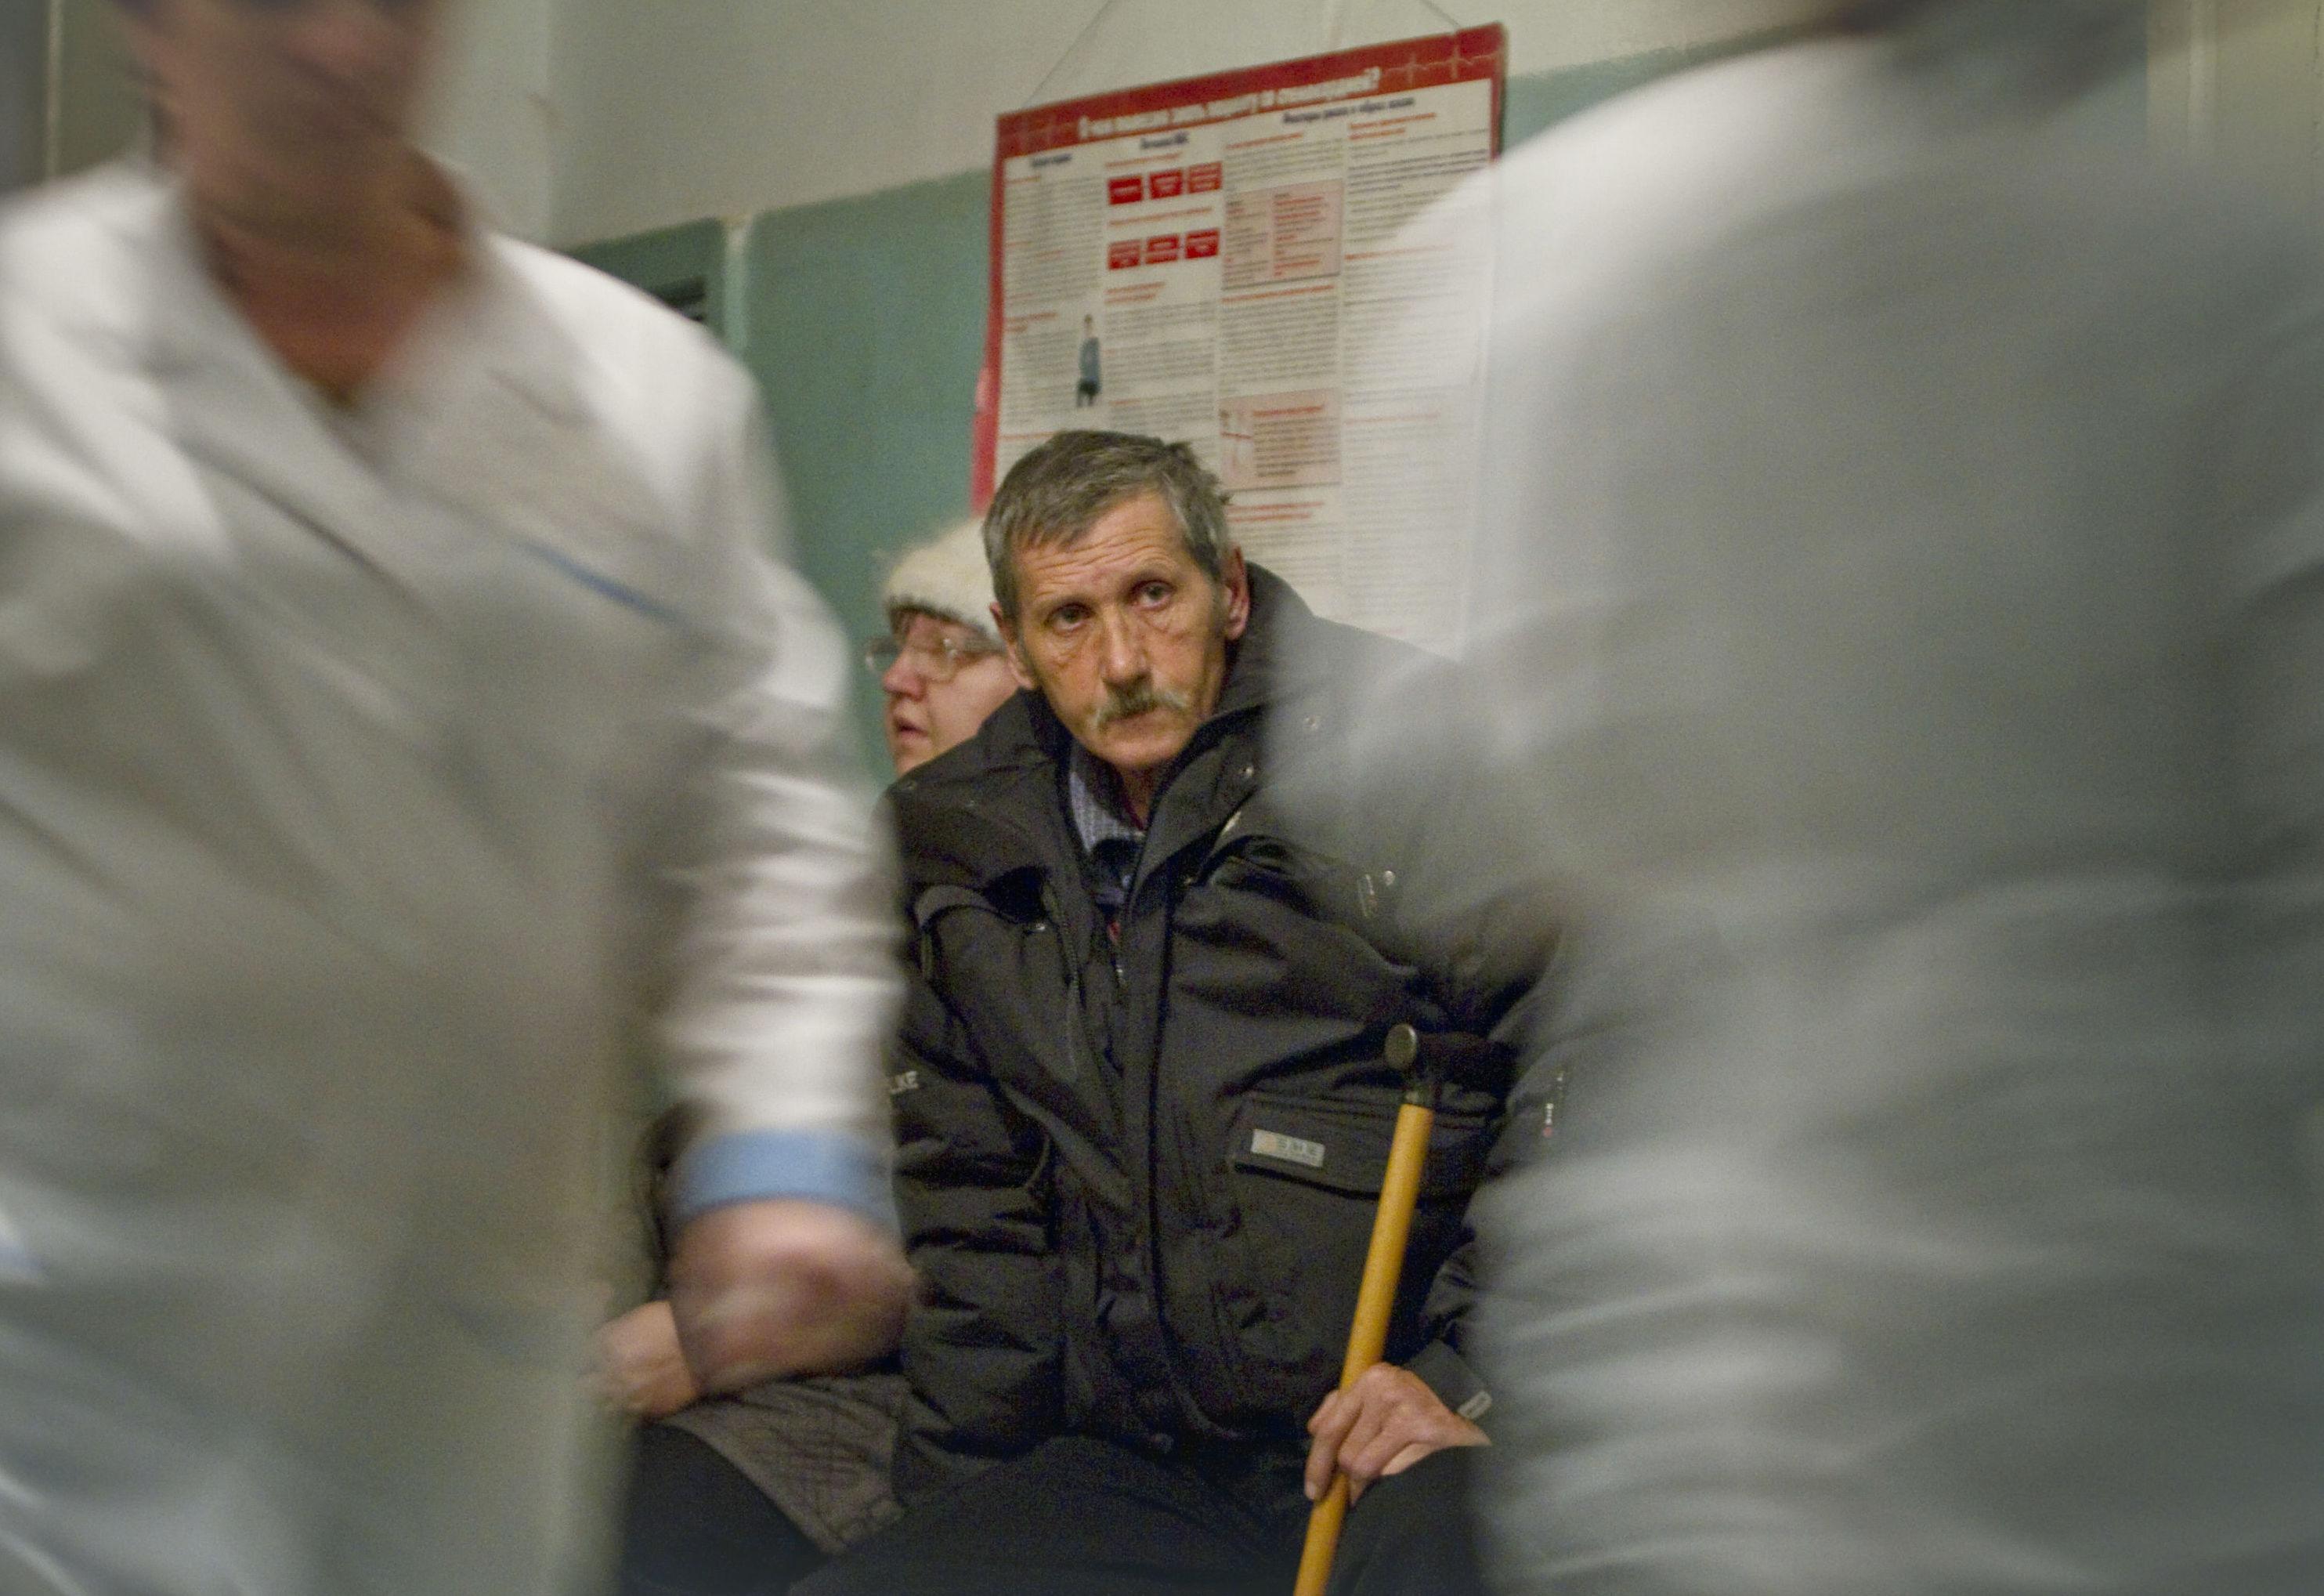 Крик души молодого врача: после такой отработки хочется уехать из страны